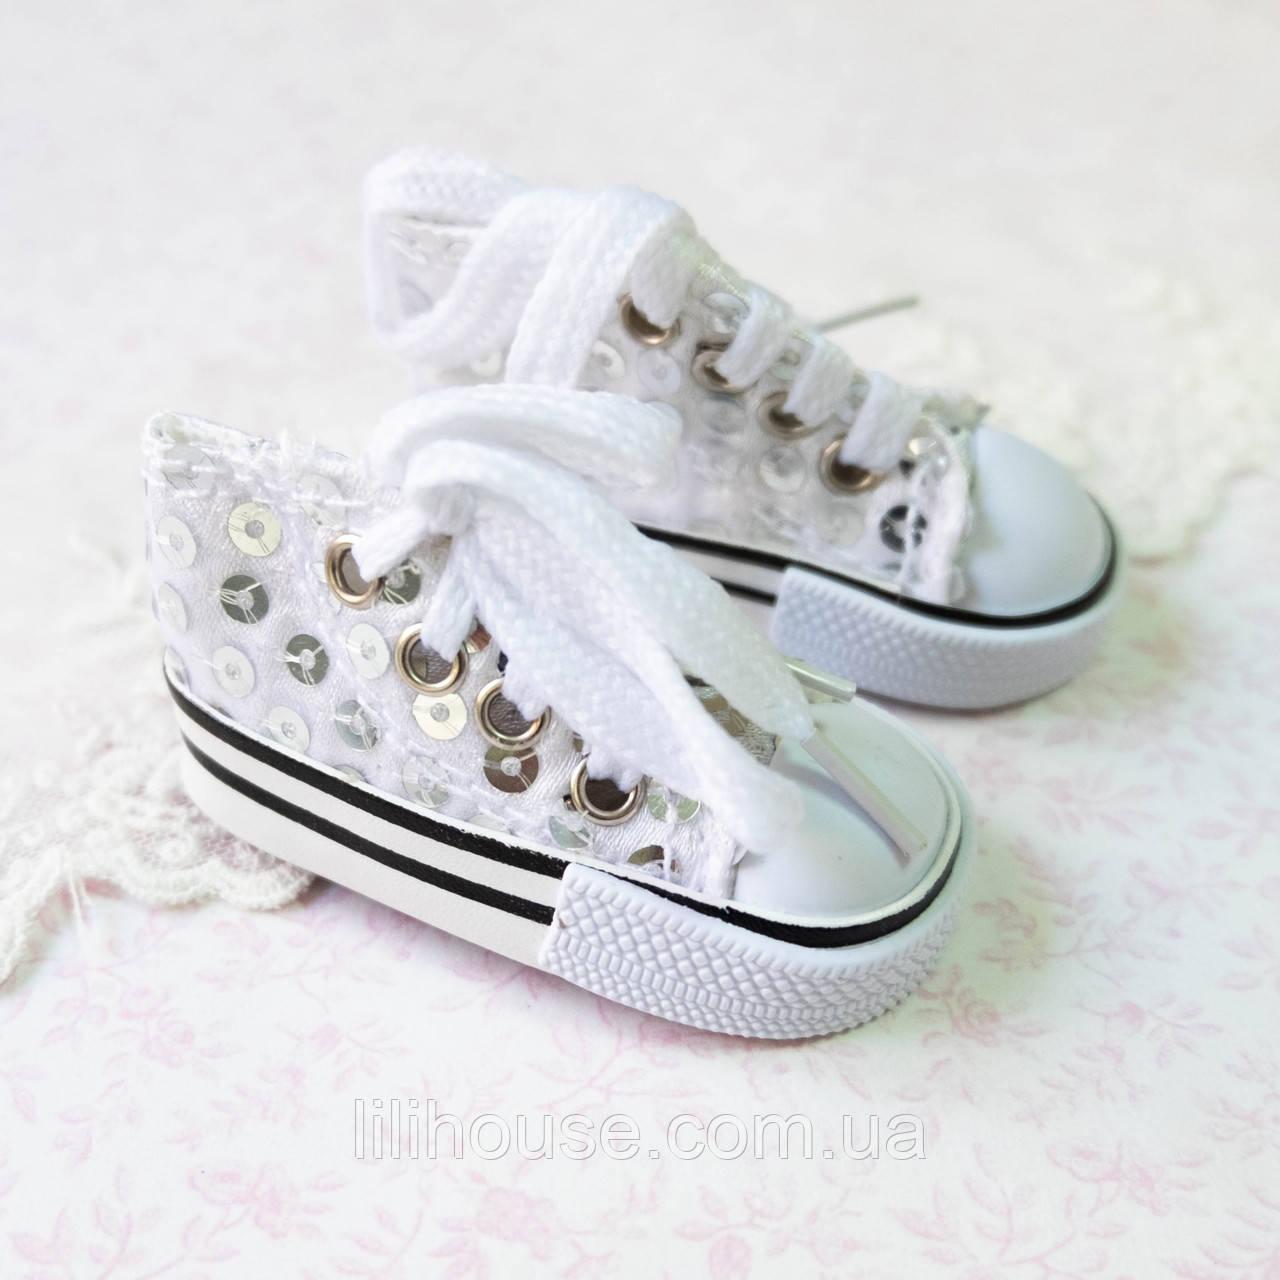 Обувь для кукол, кеды на шнуровке белые пайетки - 7*3 см